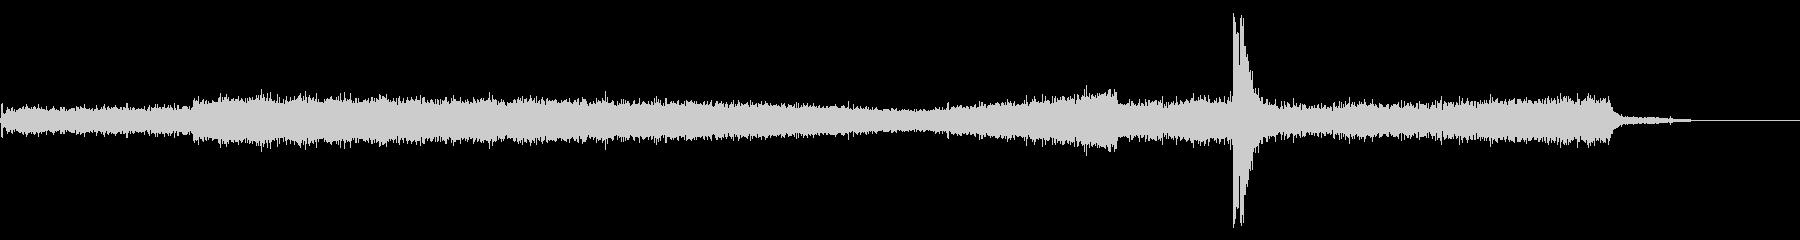 L-1011ジェット旅客機:内線:...の未再生の波形